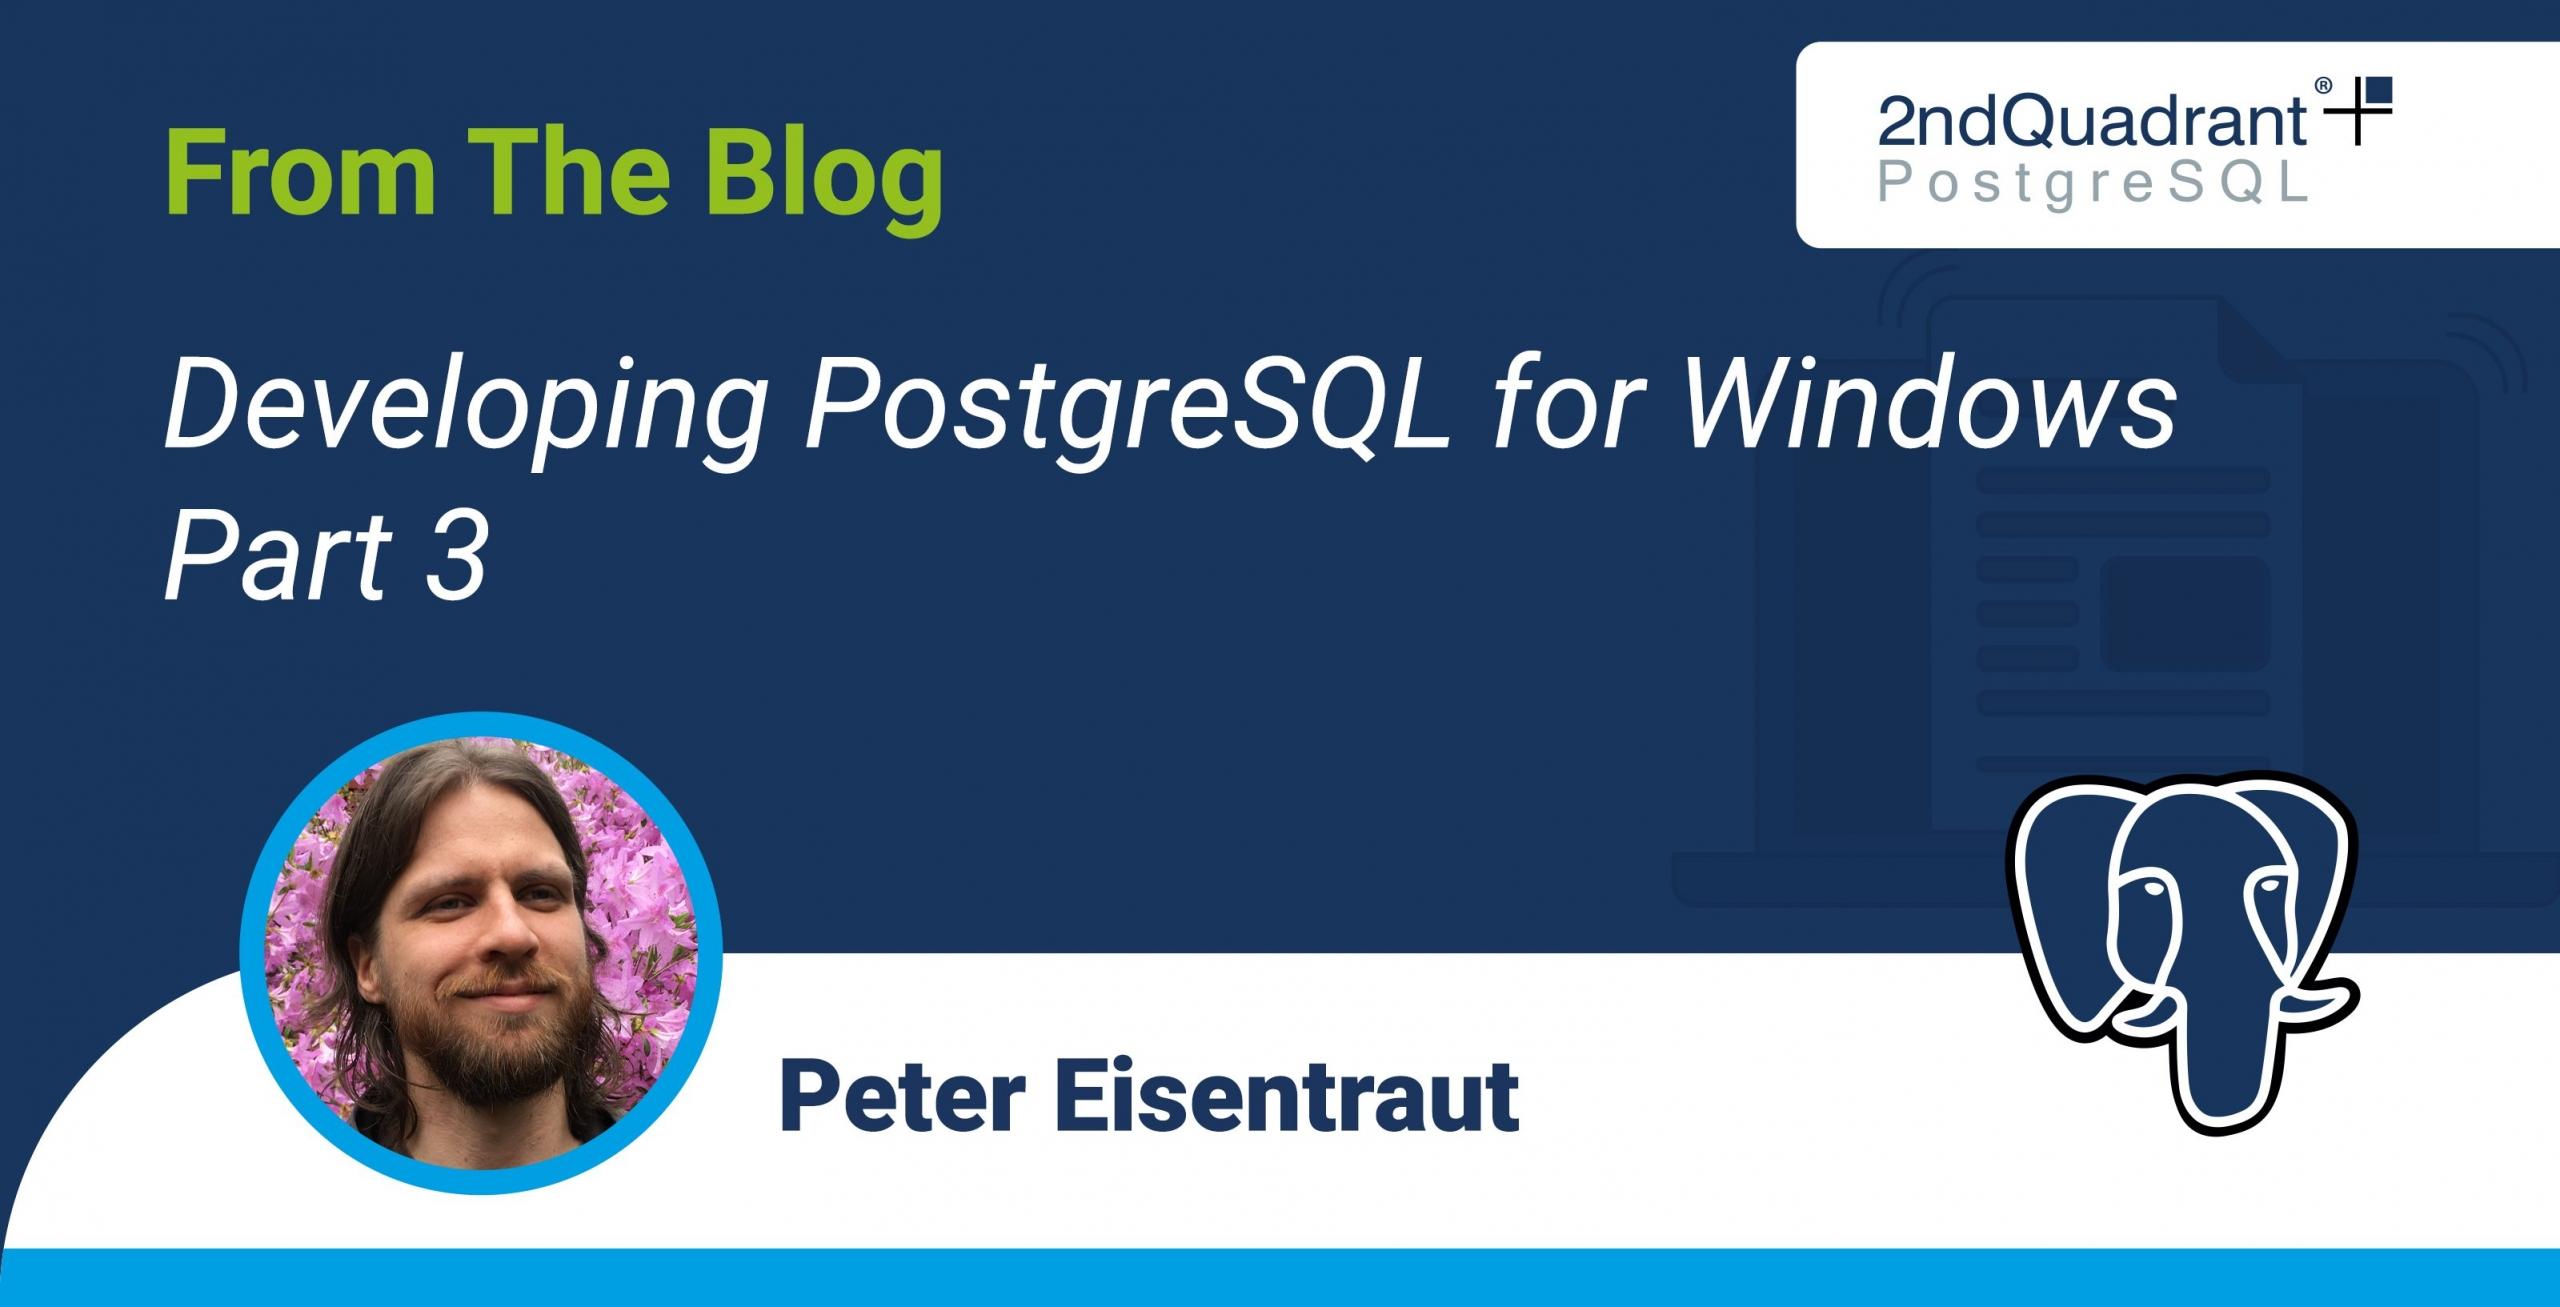 Developing PostgreSQL for Windows - Part 3